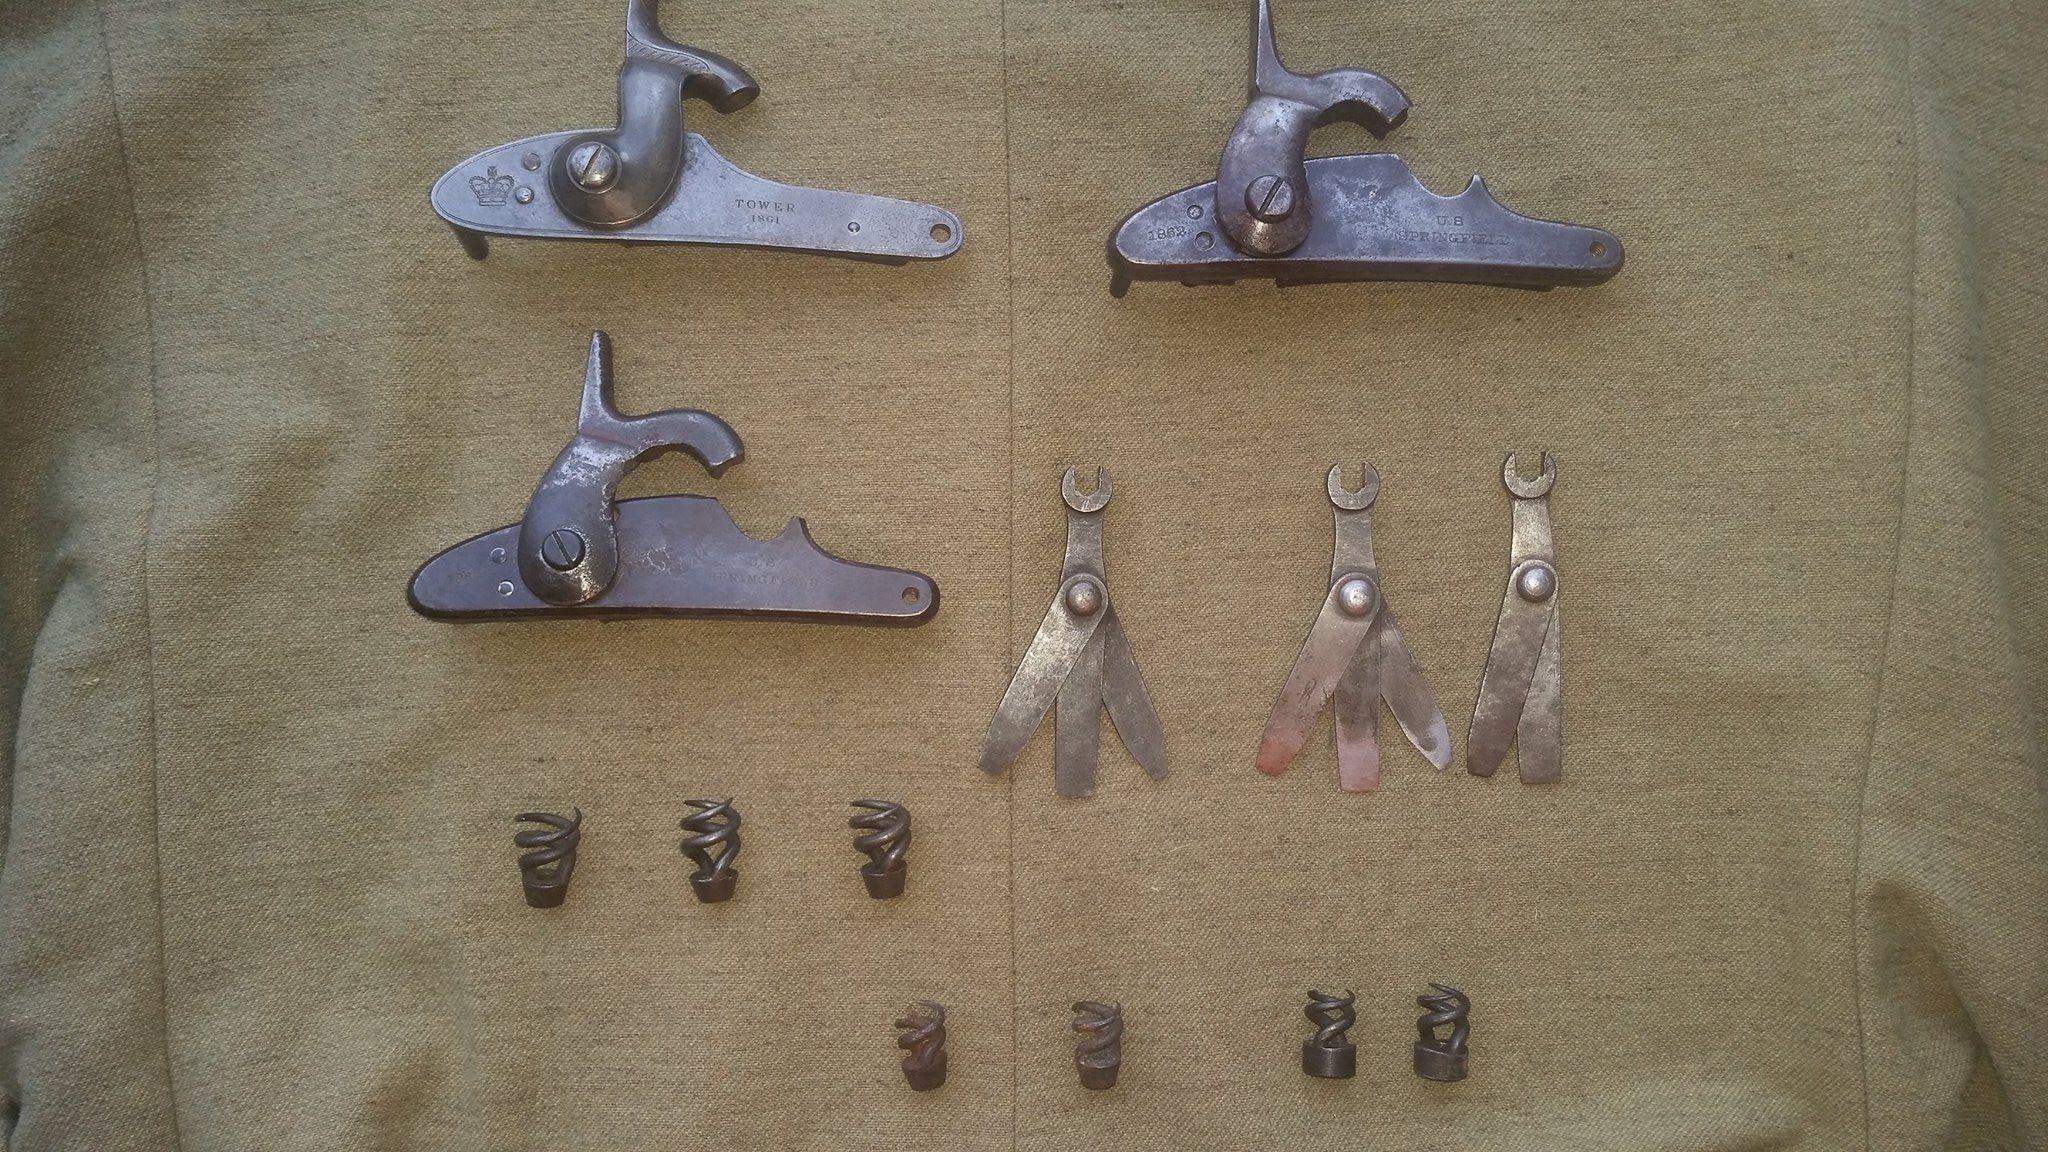 Locks and Tools